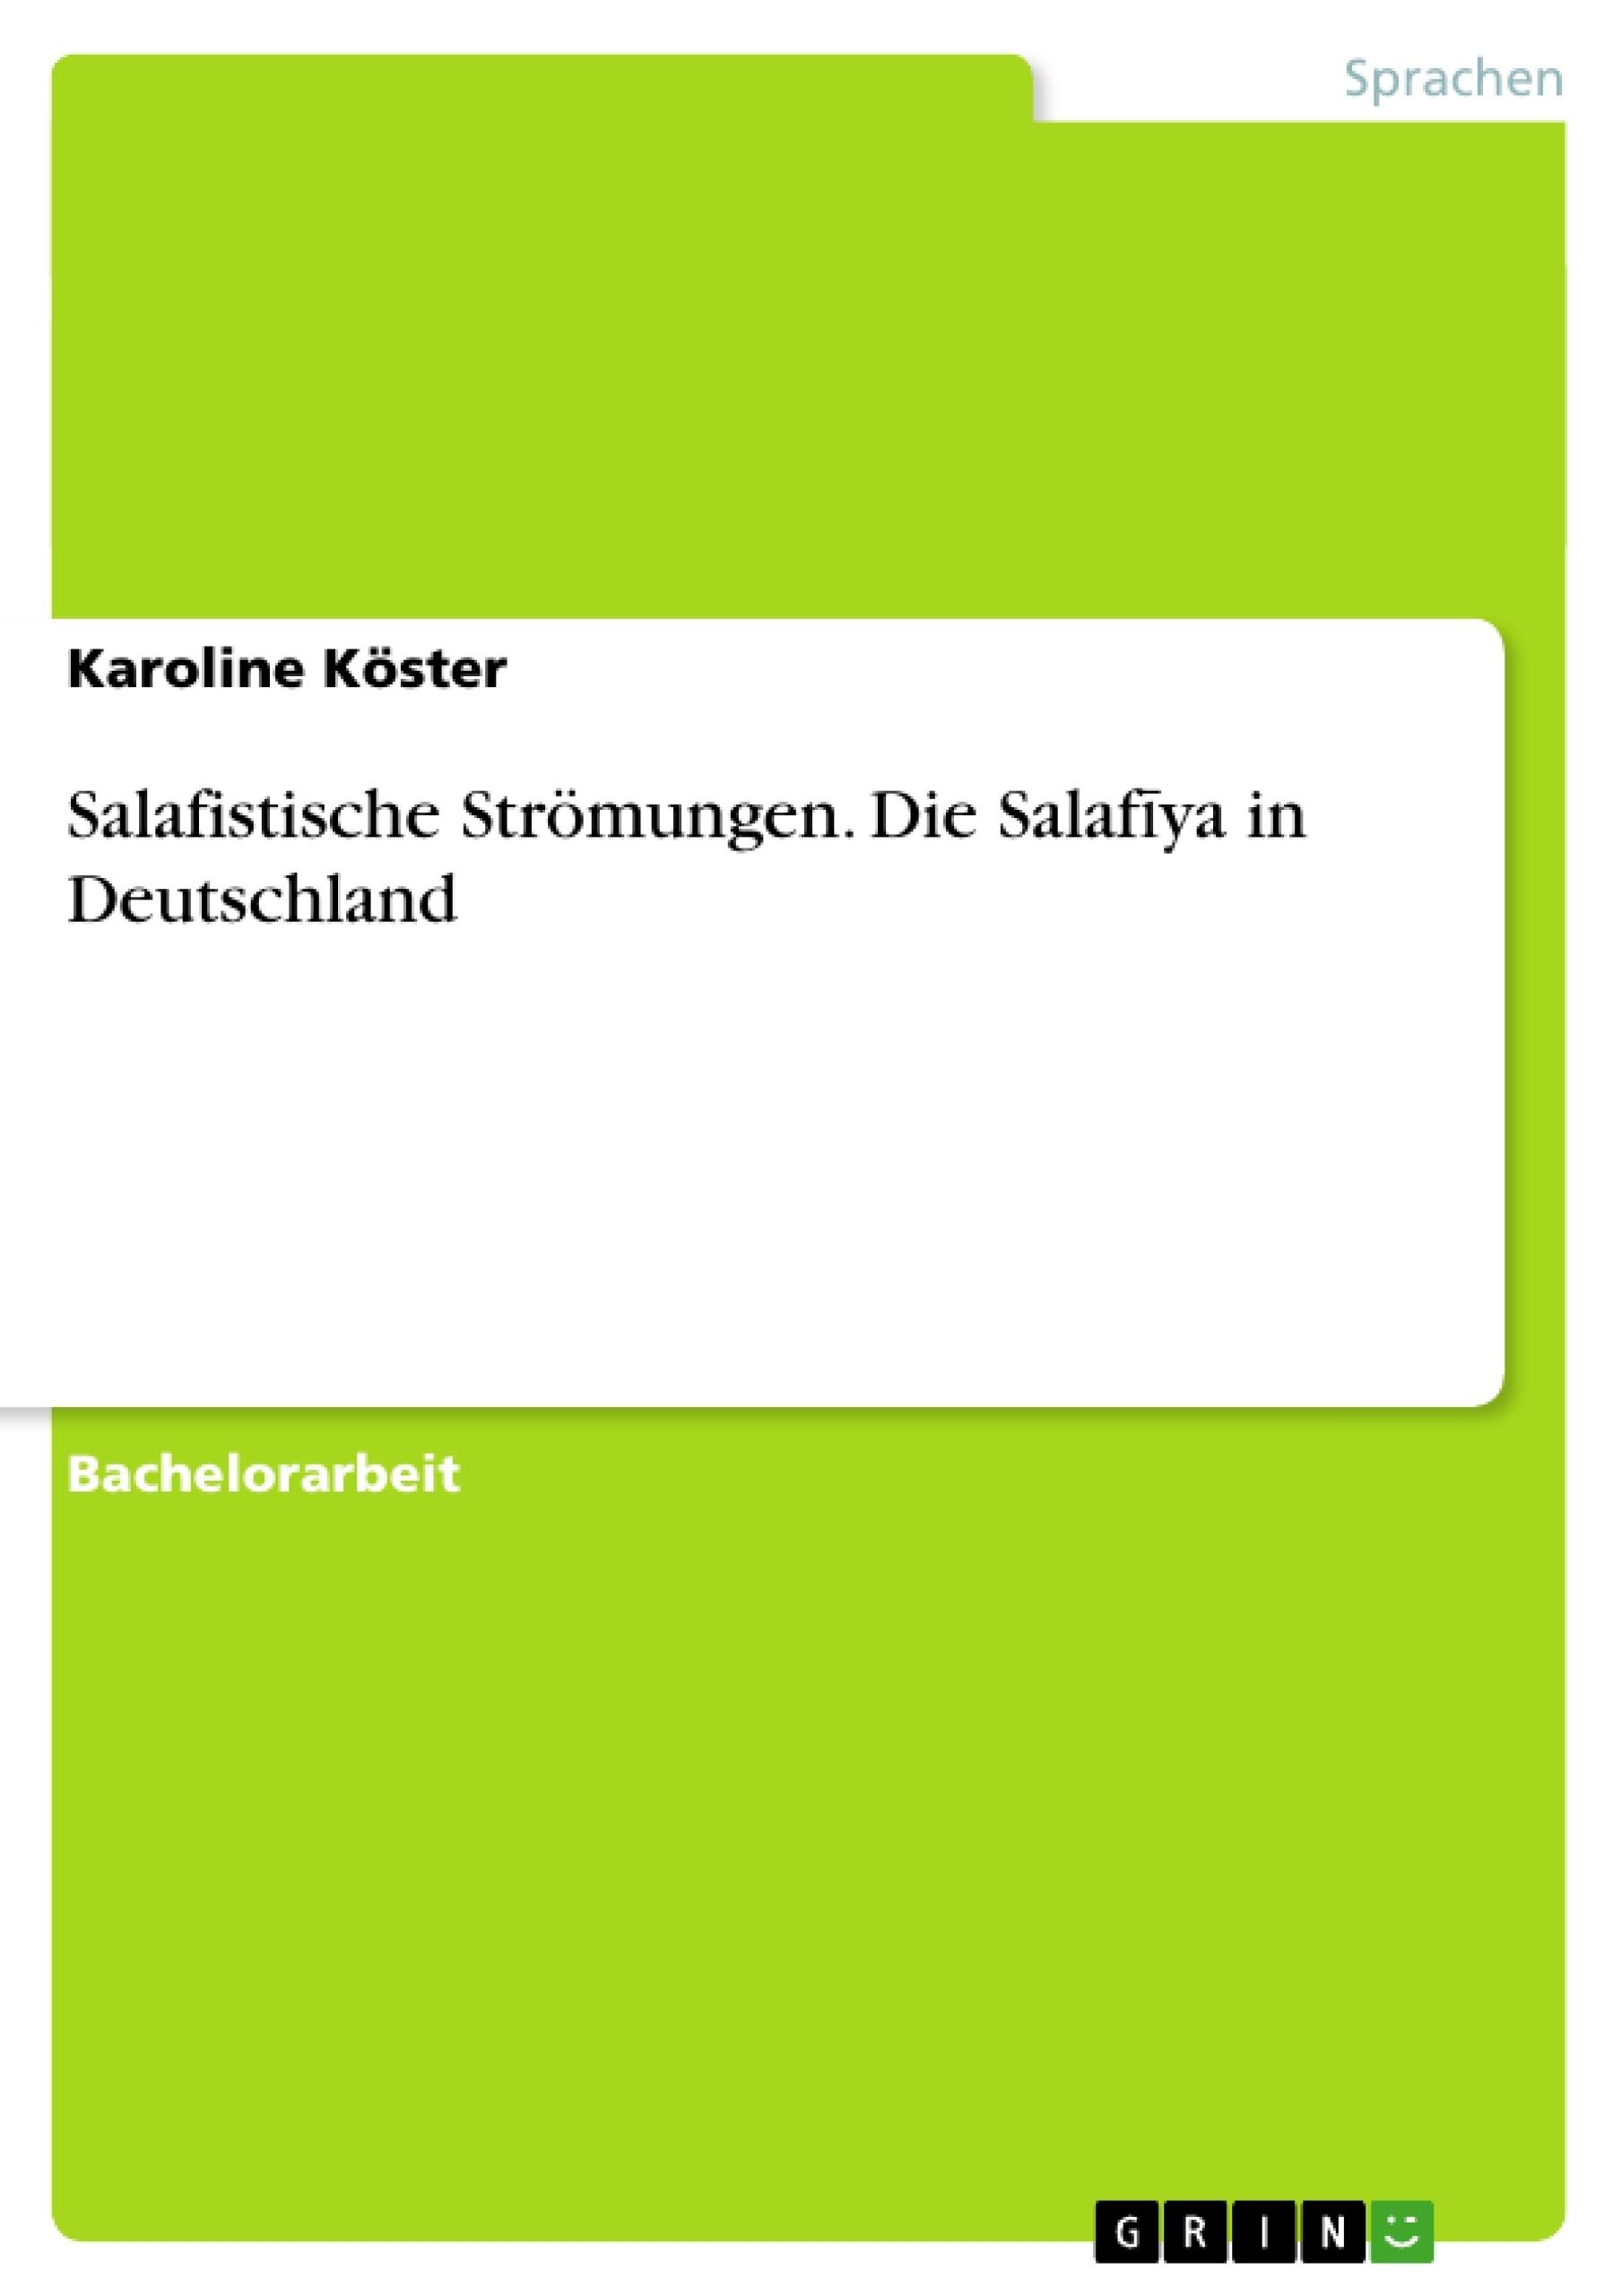 Titel: Salafistische Strömungen. Die Salafīya in Deutschland